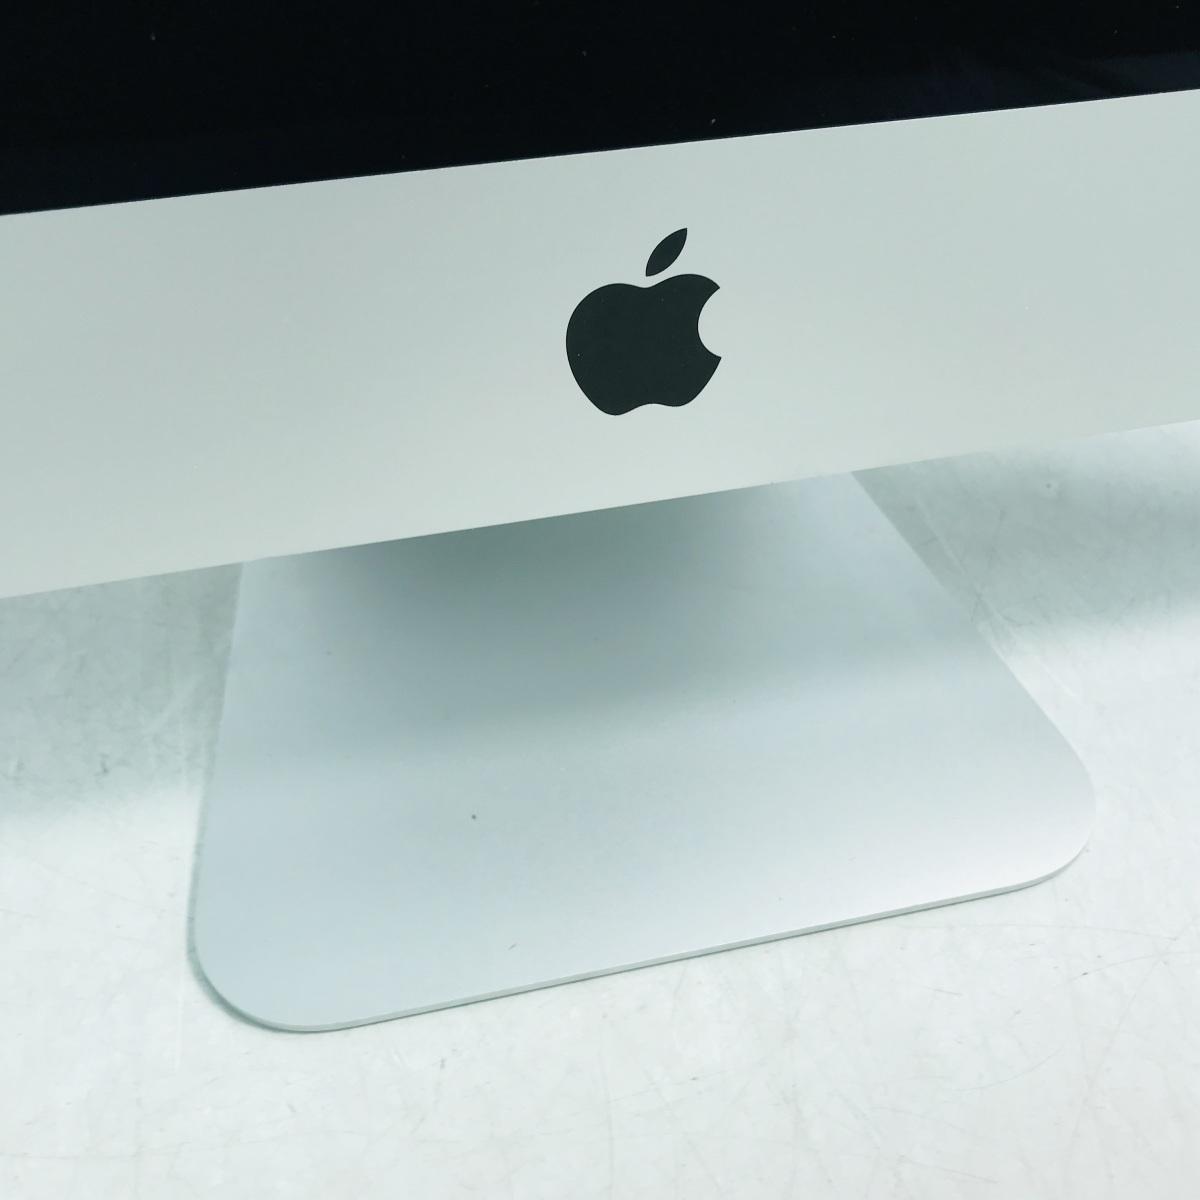 動作確認済み iMac Retina 4Kディスプレイモデル 21.5インチ(Mid 2017) Core i5 3.0GHz/8GB/SSD 256GB MNDY2J/A_画像2